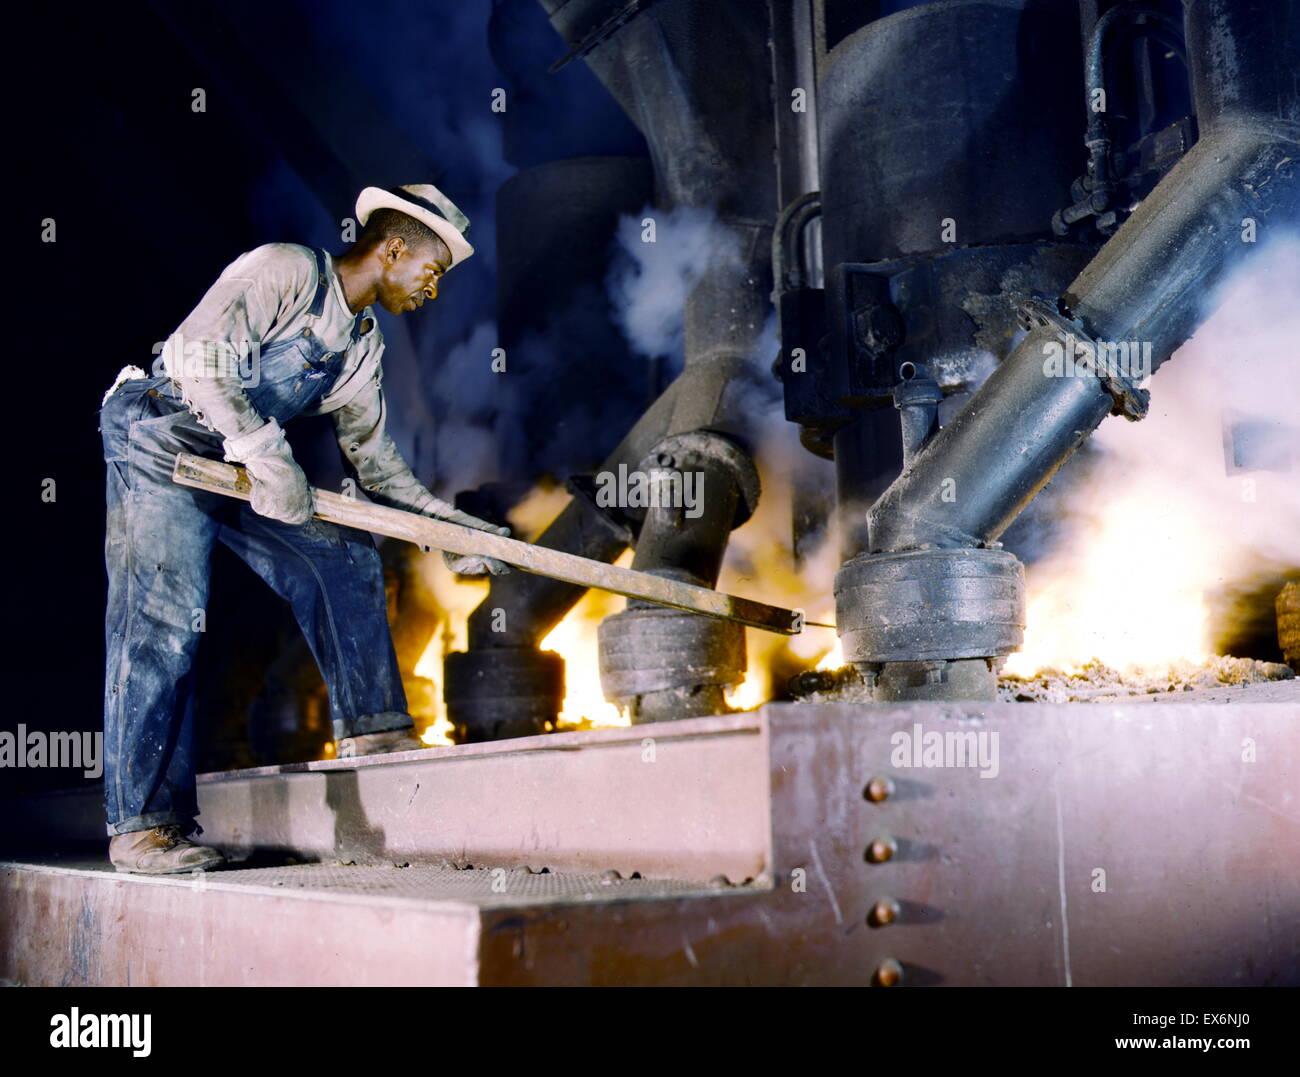 Un gran horno de fundición de fosfato eléctrico utilizado para hacer fósforo elemental en una planta Imagen De Stock